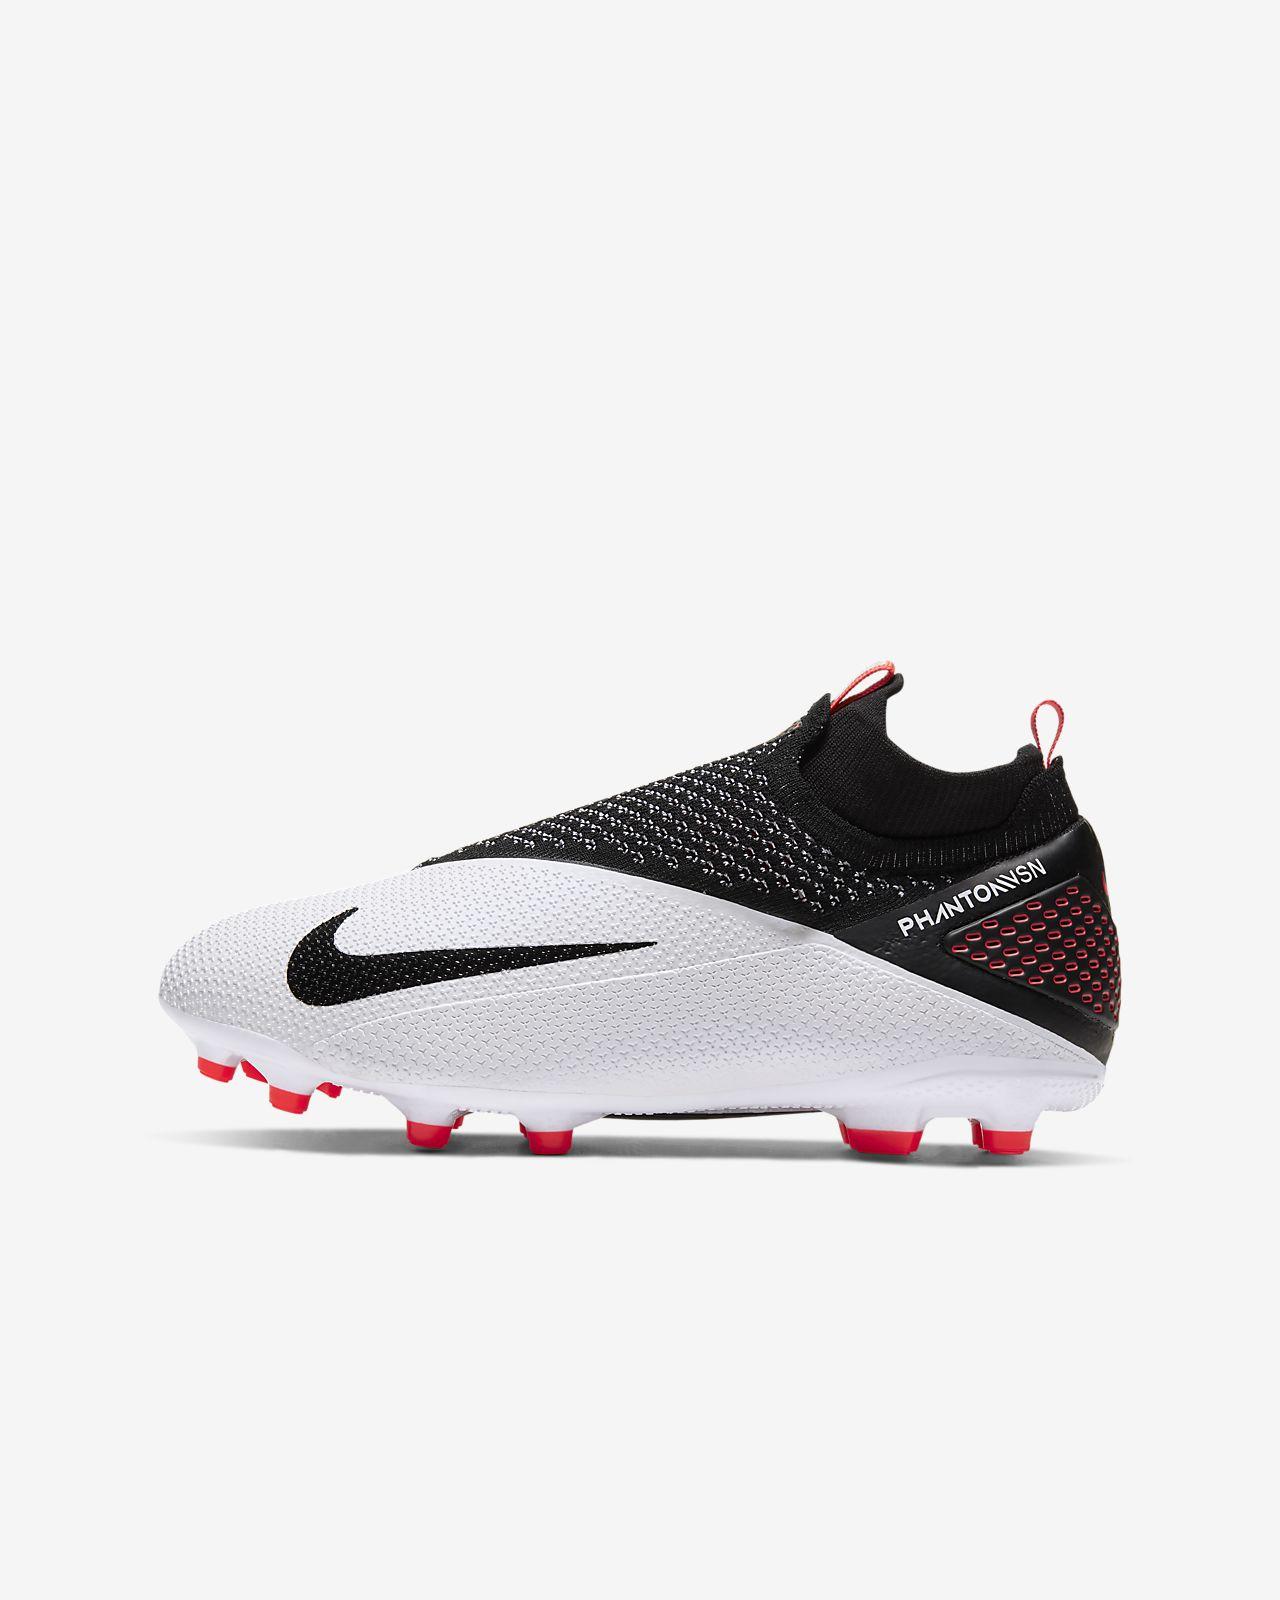 Nike Jr. Phantom Vision 2 Elite Dynamic Fit MG többféle talajra készült stoplis futballcipő nagyobb gyerekeknek